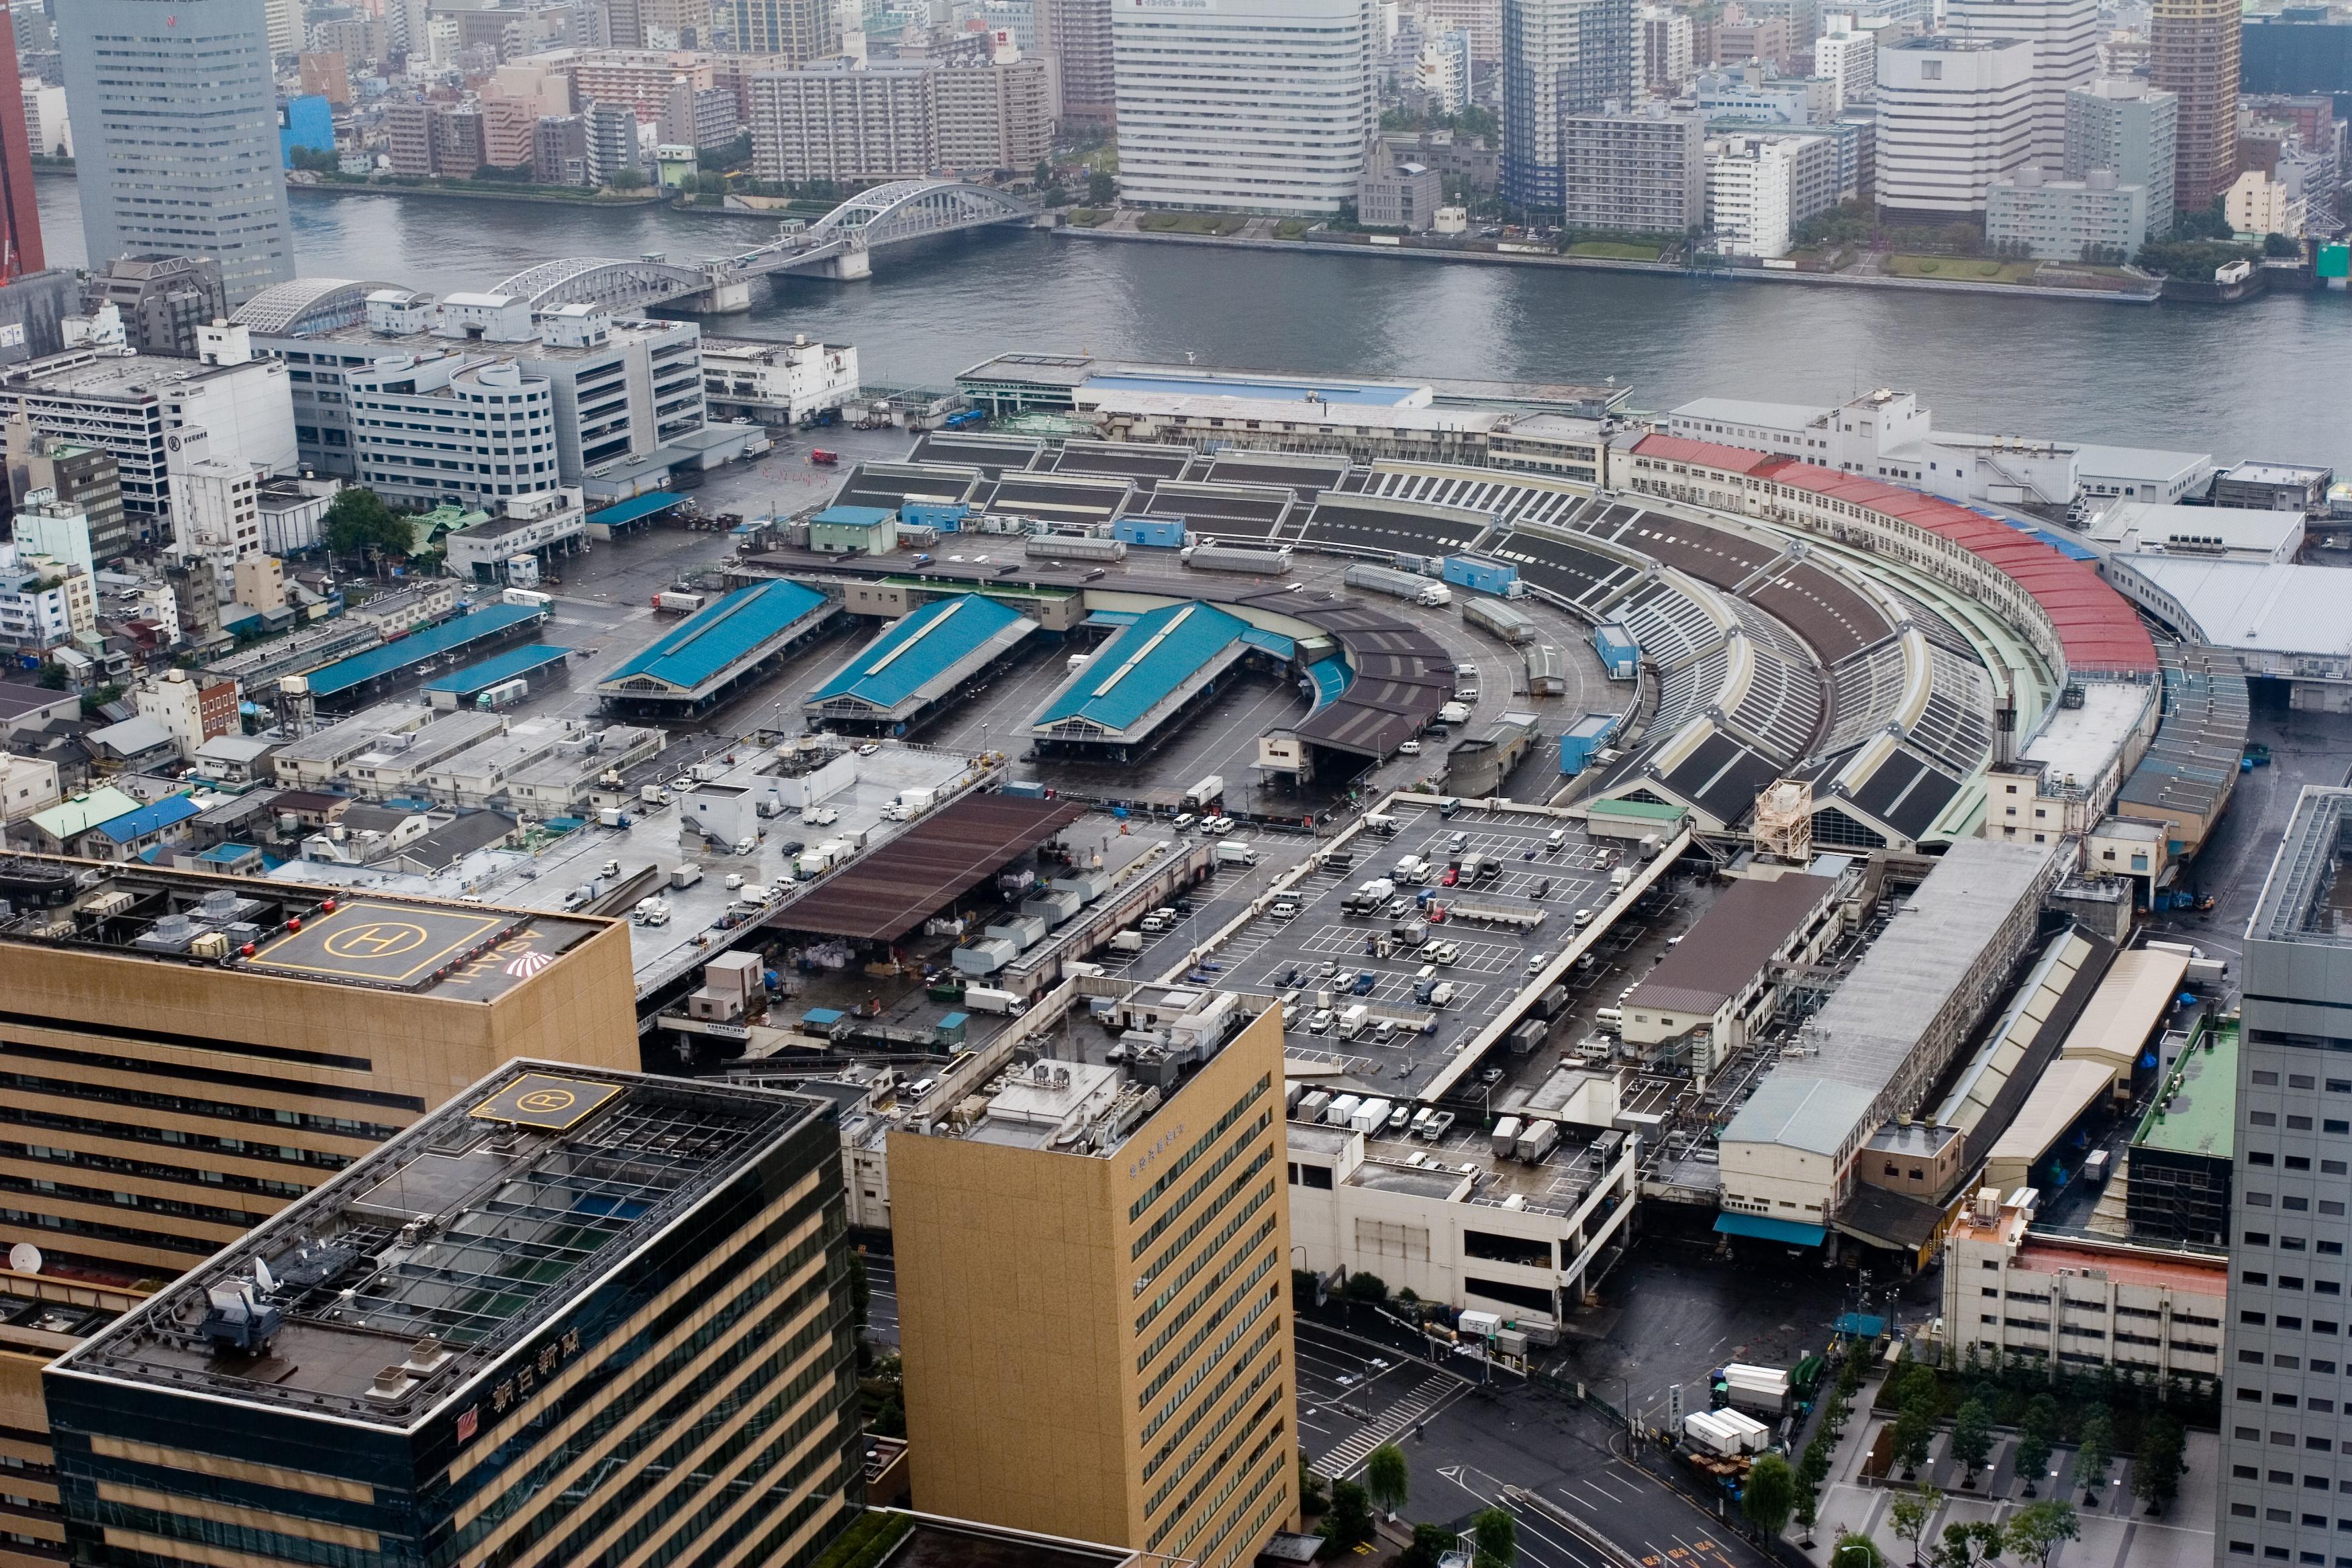 Tsukiji Fish Market Jepang, Wisata Pasar Ikan dan Kuliner di Tokyo